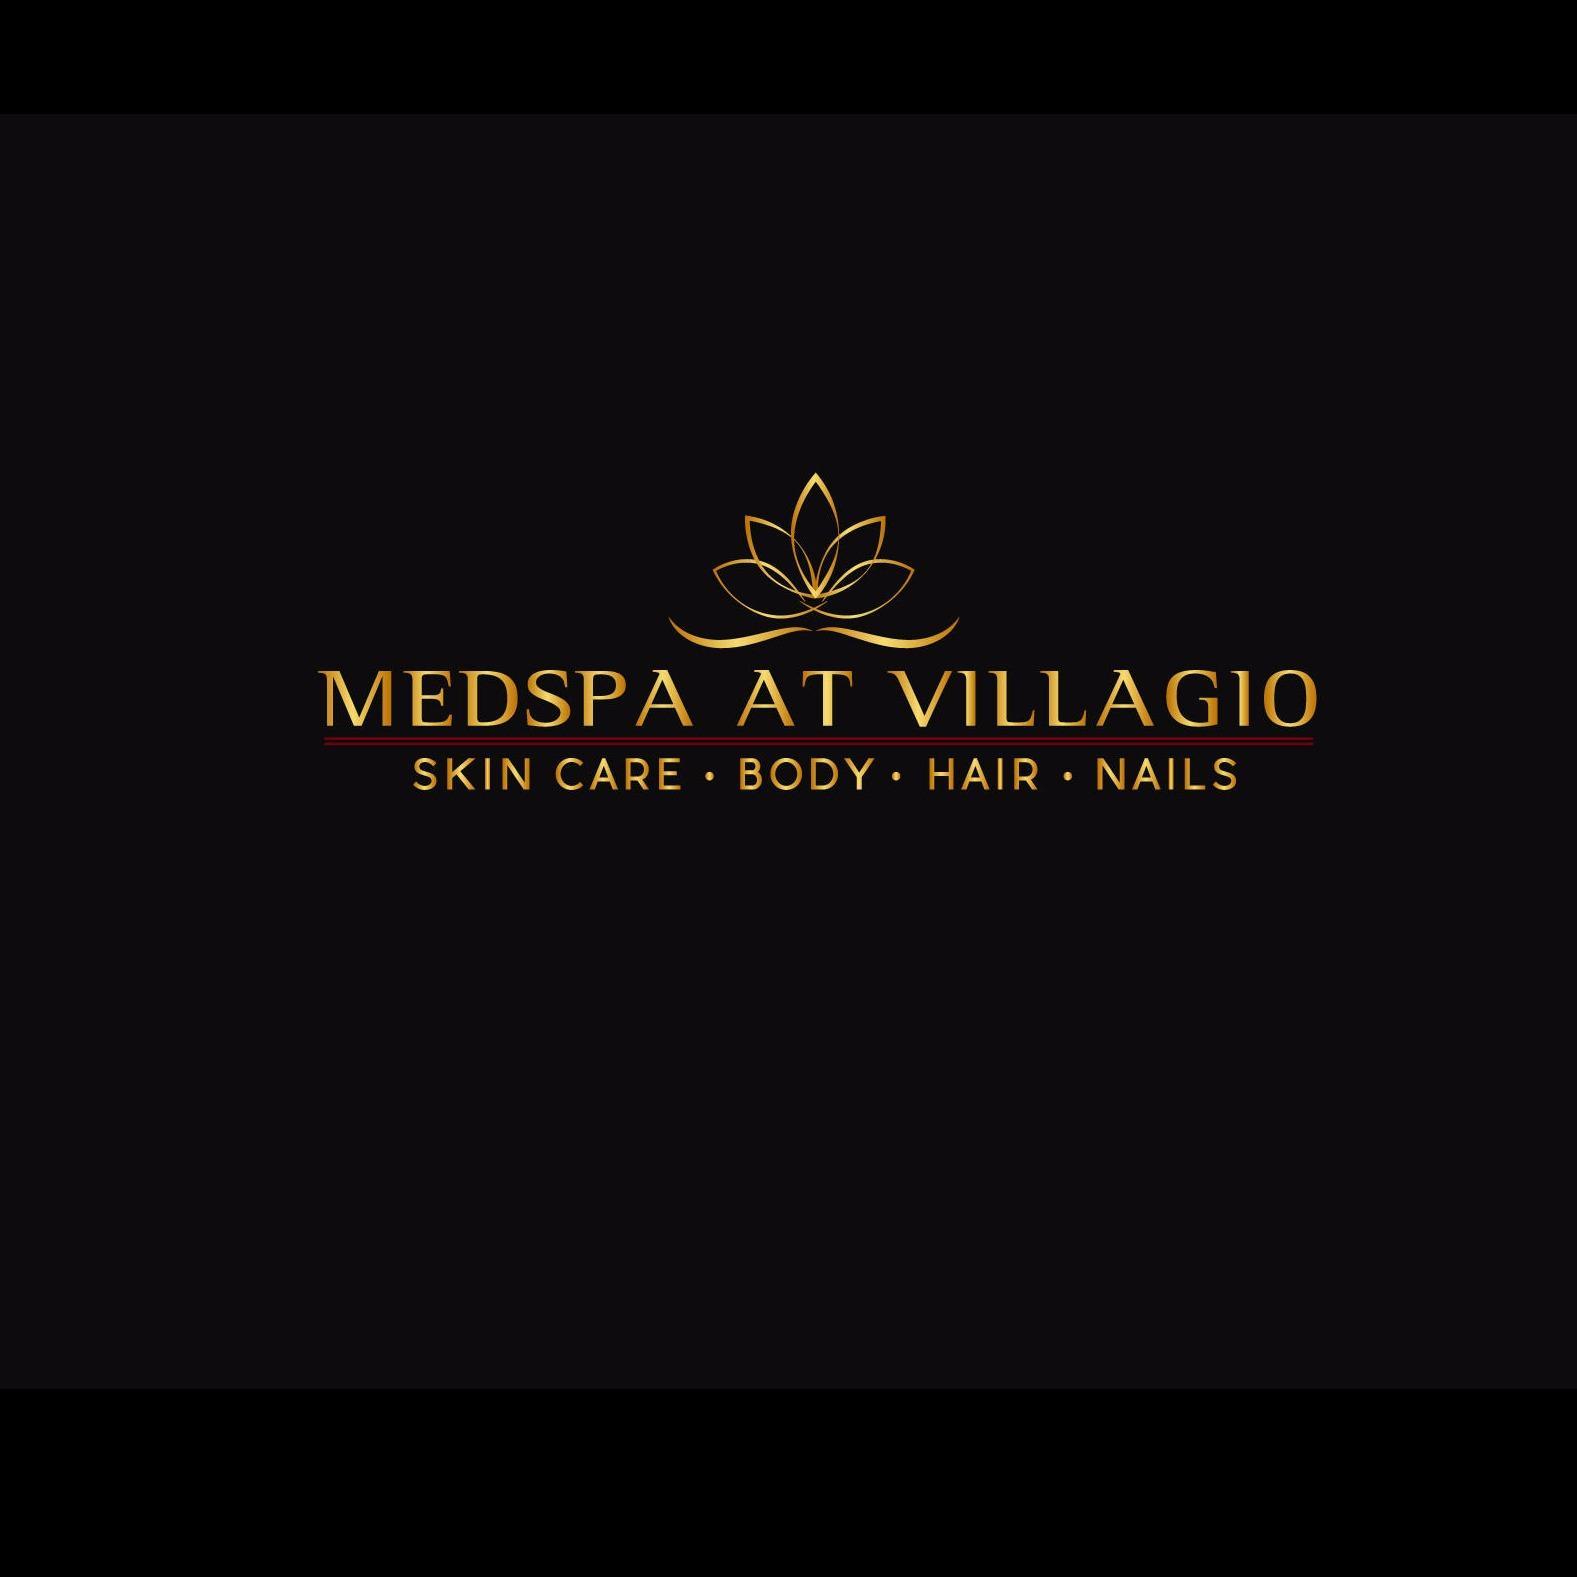 Medspa at Villagio